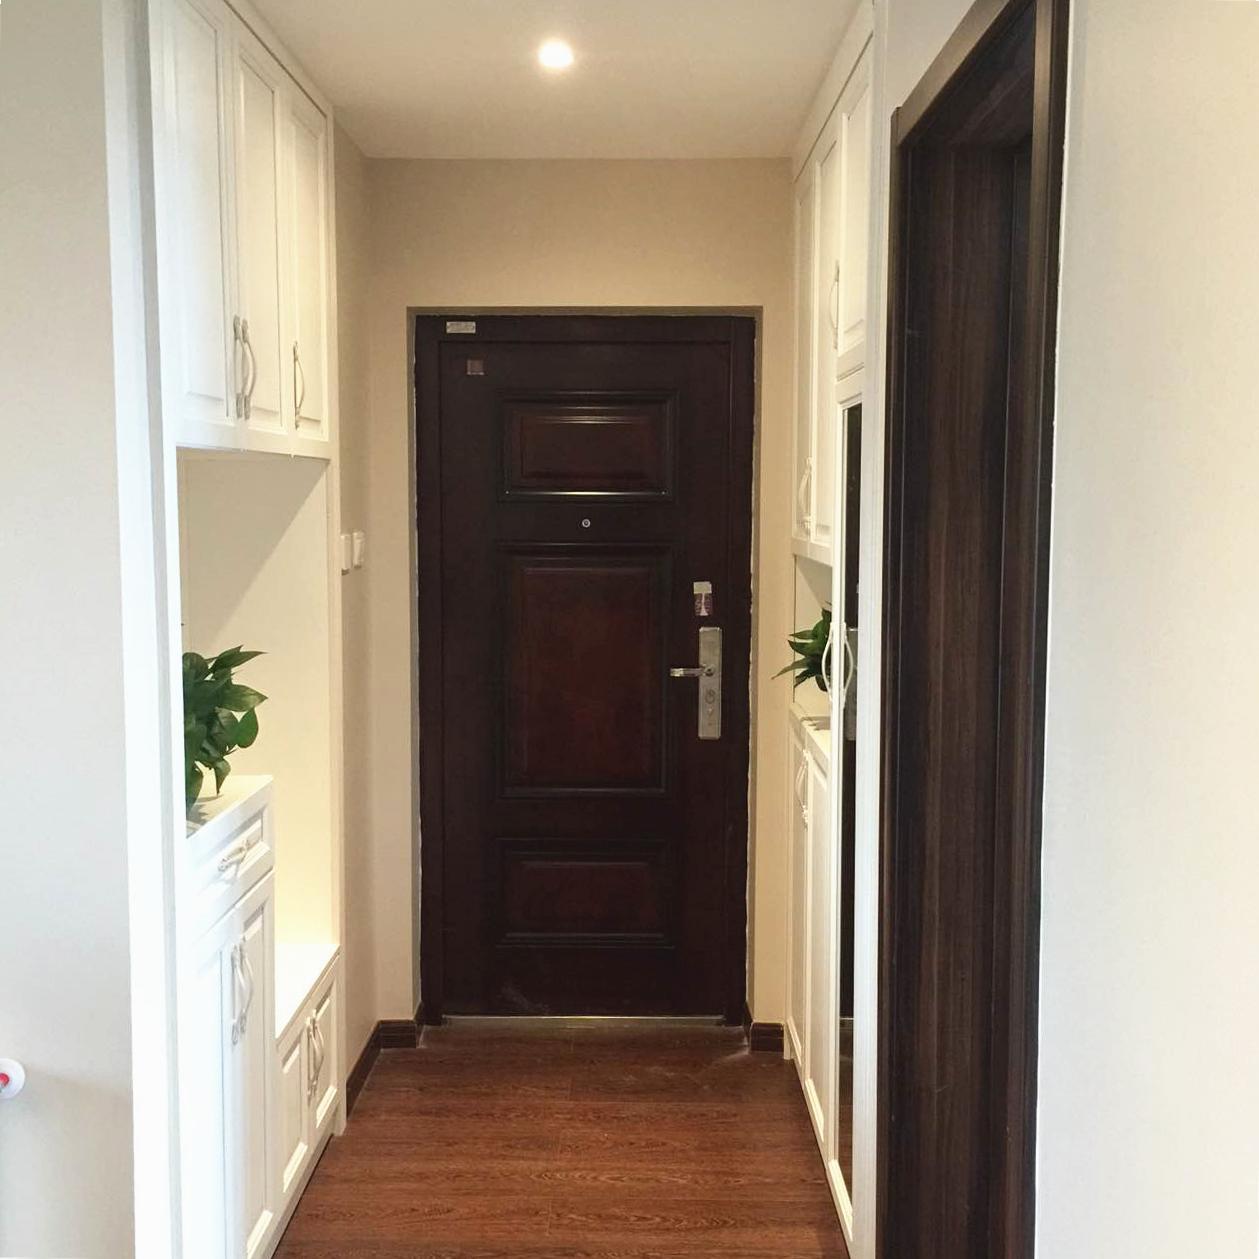 入门玄关处的两侧设计了具有强大收纳功能的橱柜,中间可放置植物、装饰品,旁边可当做换鞋凳来坐。